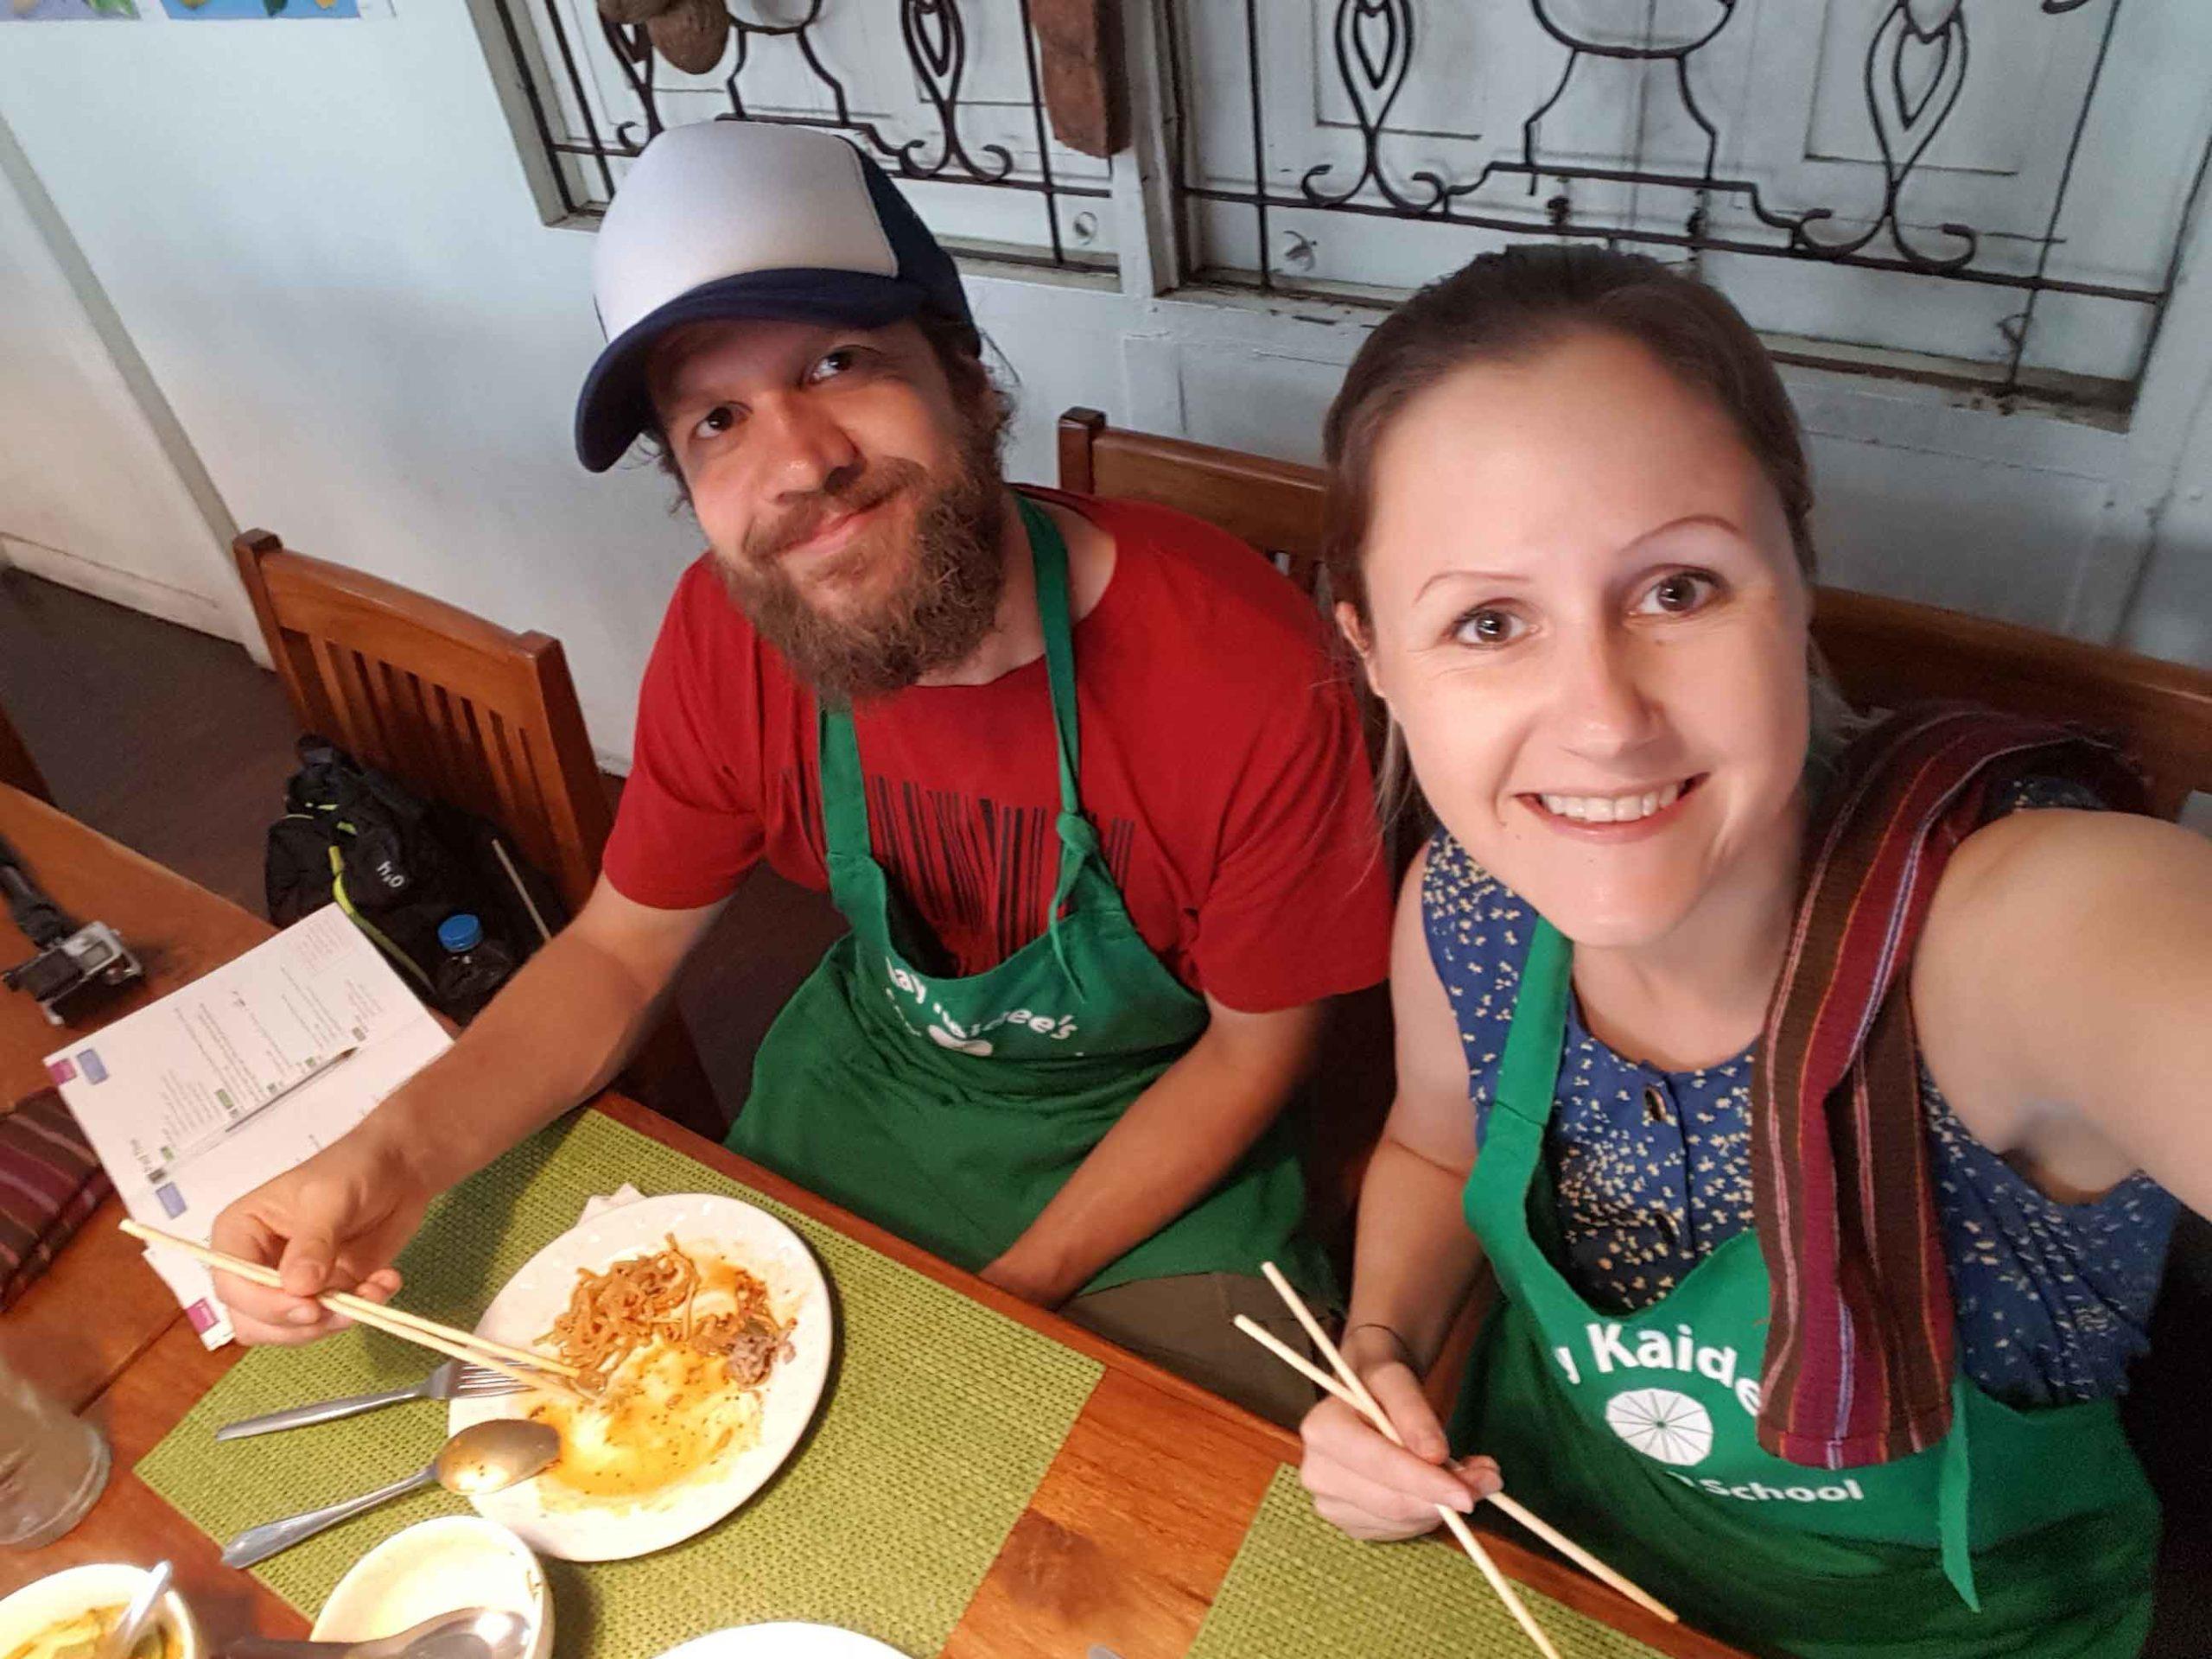 Silvia und Alex beim Essen in May Kaidee's Cooking School in Bangkok, Thailand